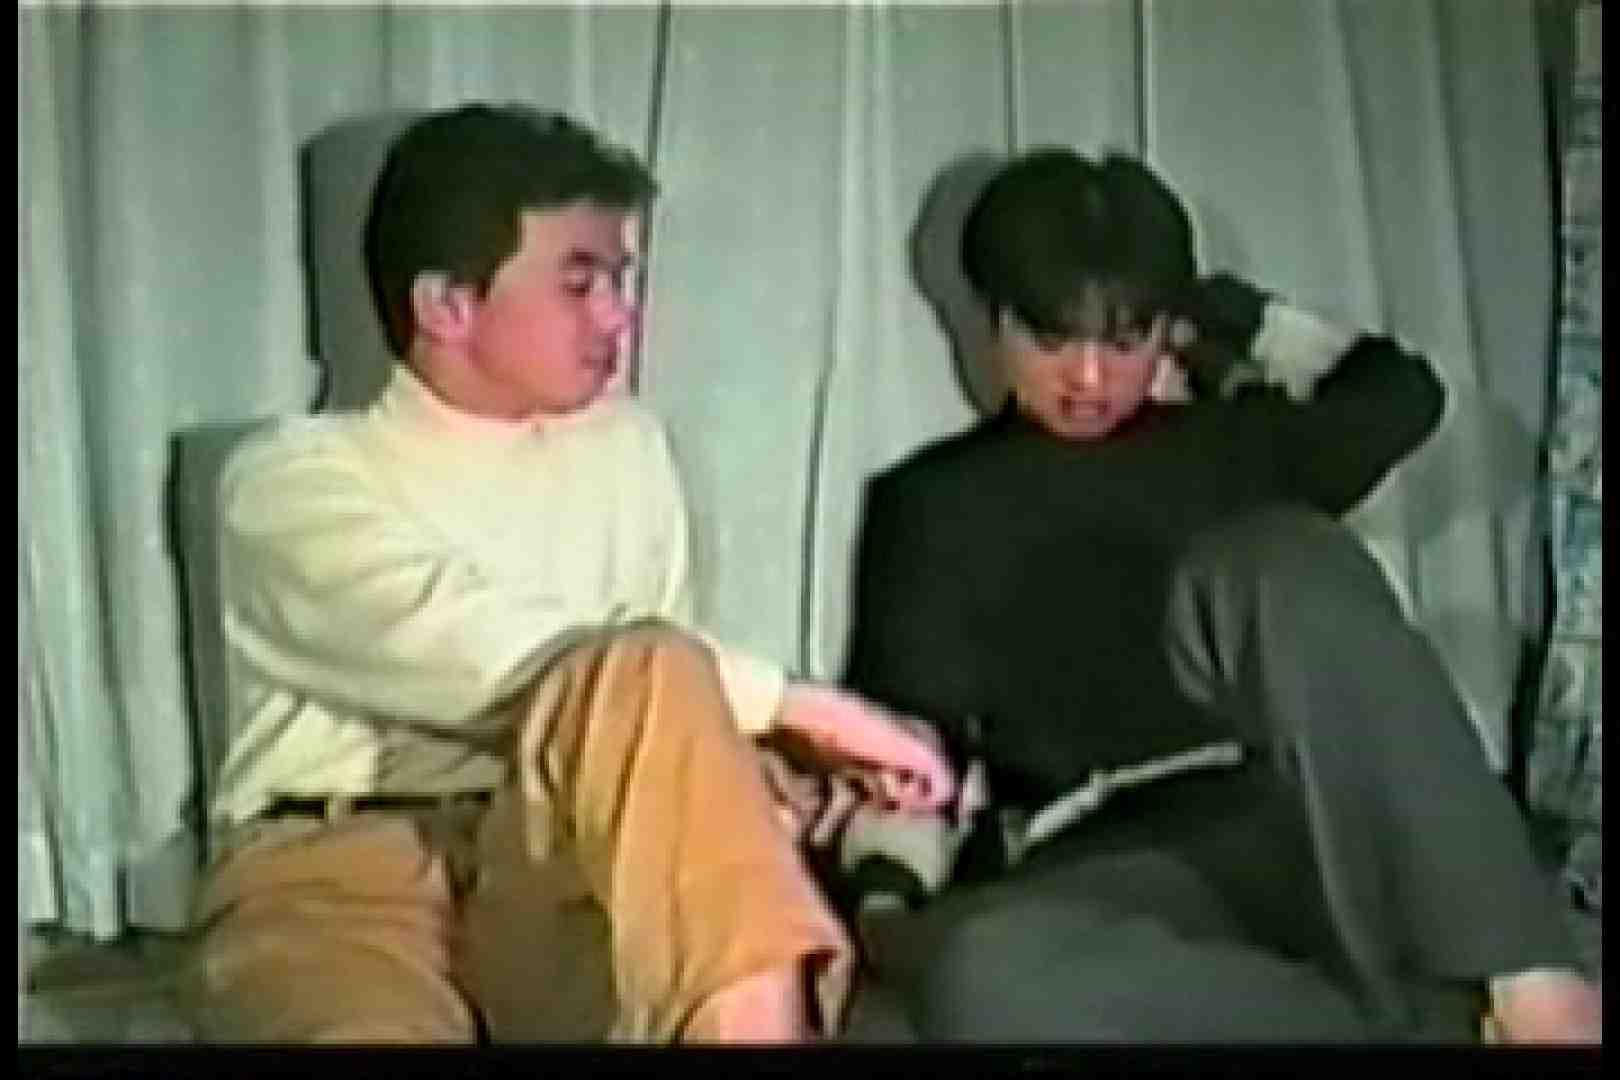 【流出投稿】若きあの頃の思ひでSEX! キス特集 ゲイアダルトビデオ画像 109枚 33